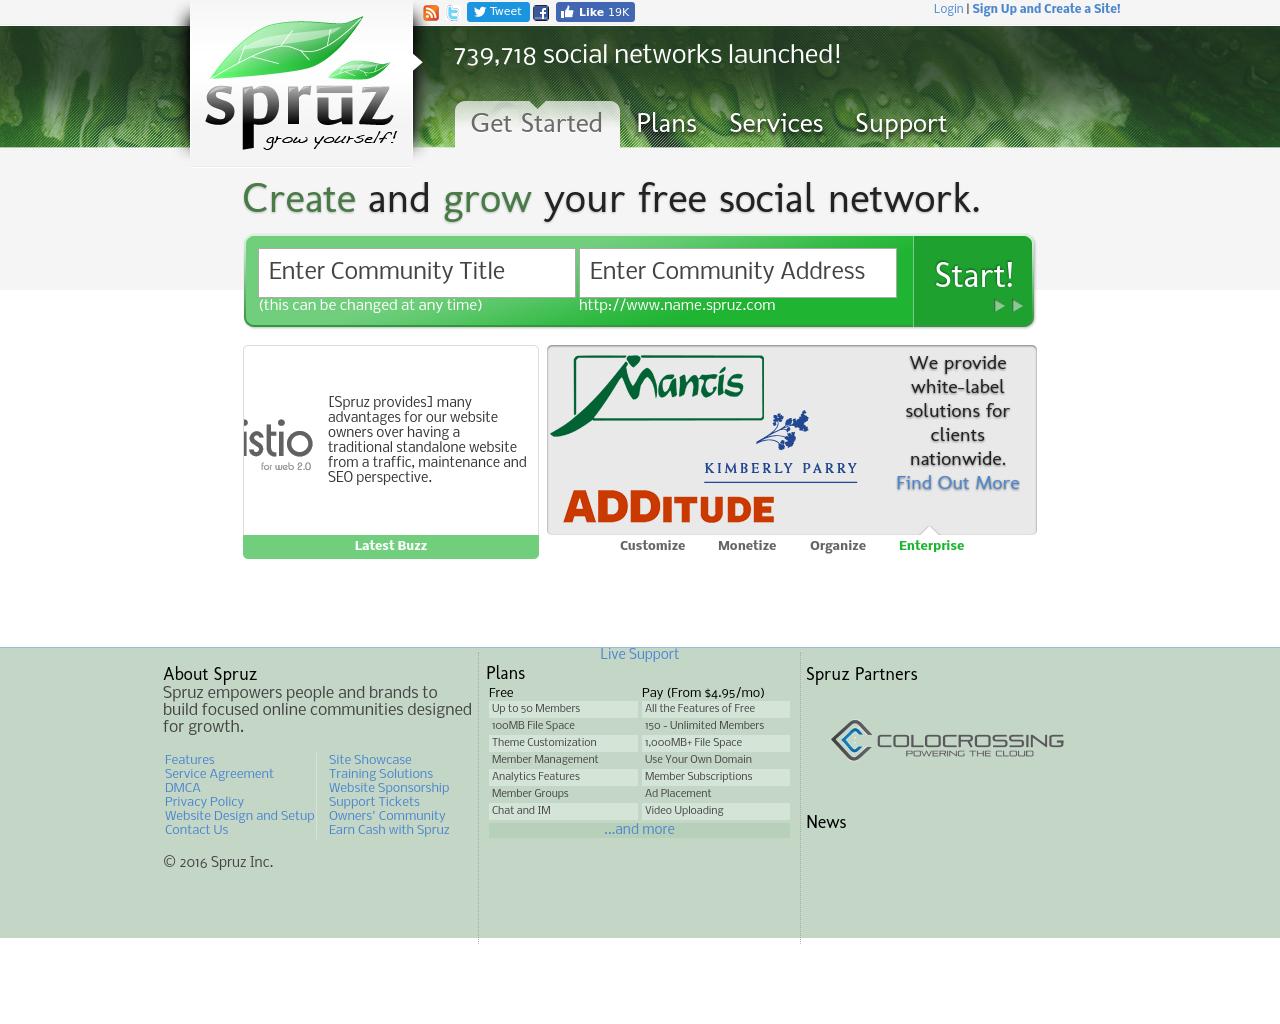 Spruz-Advertising-Reviews-Pricing